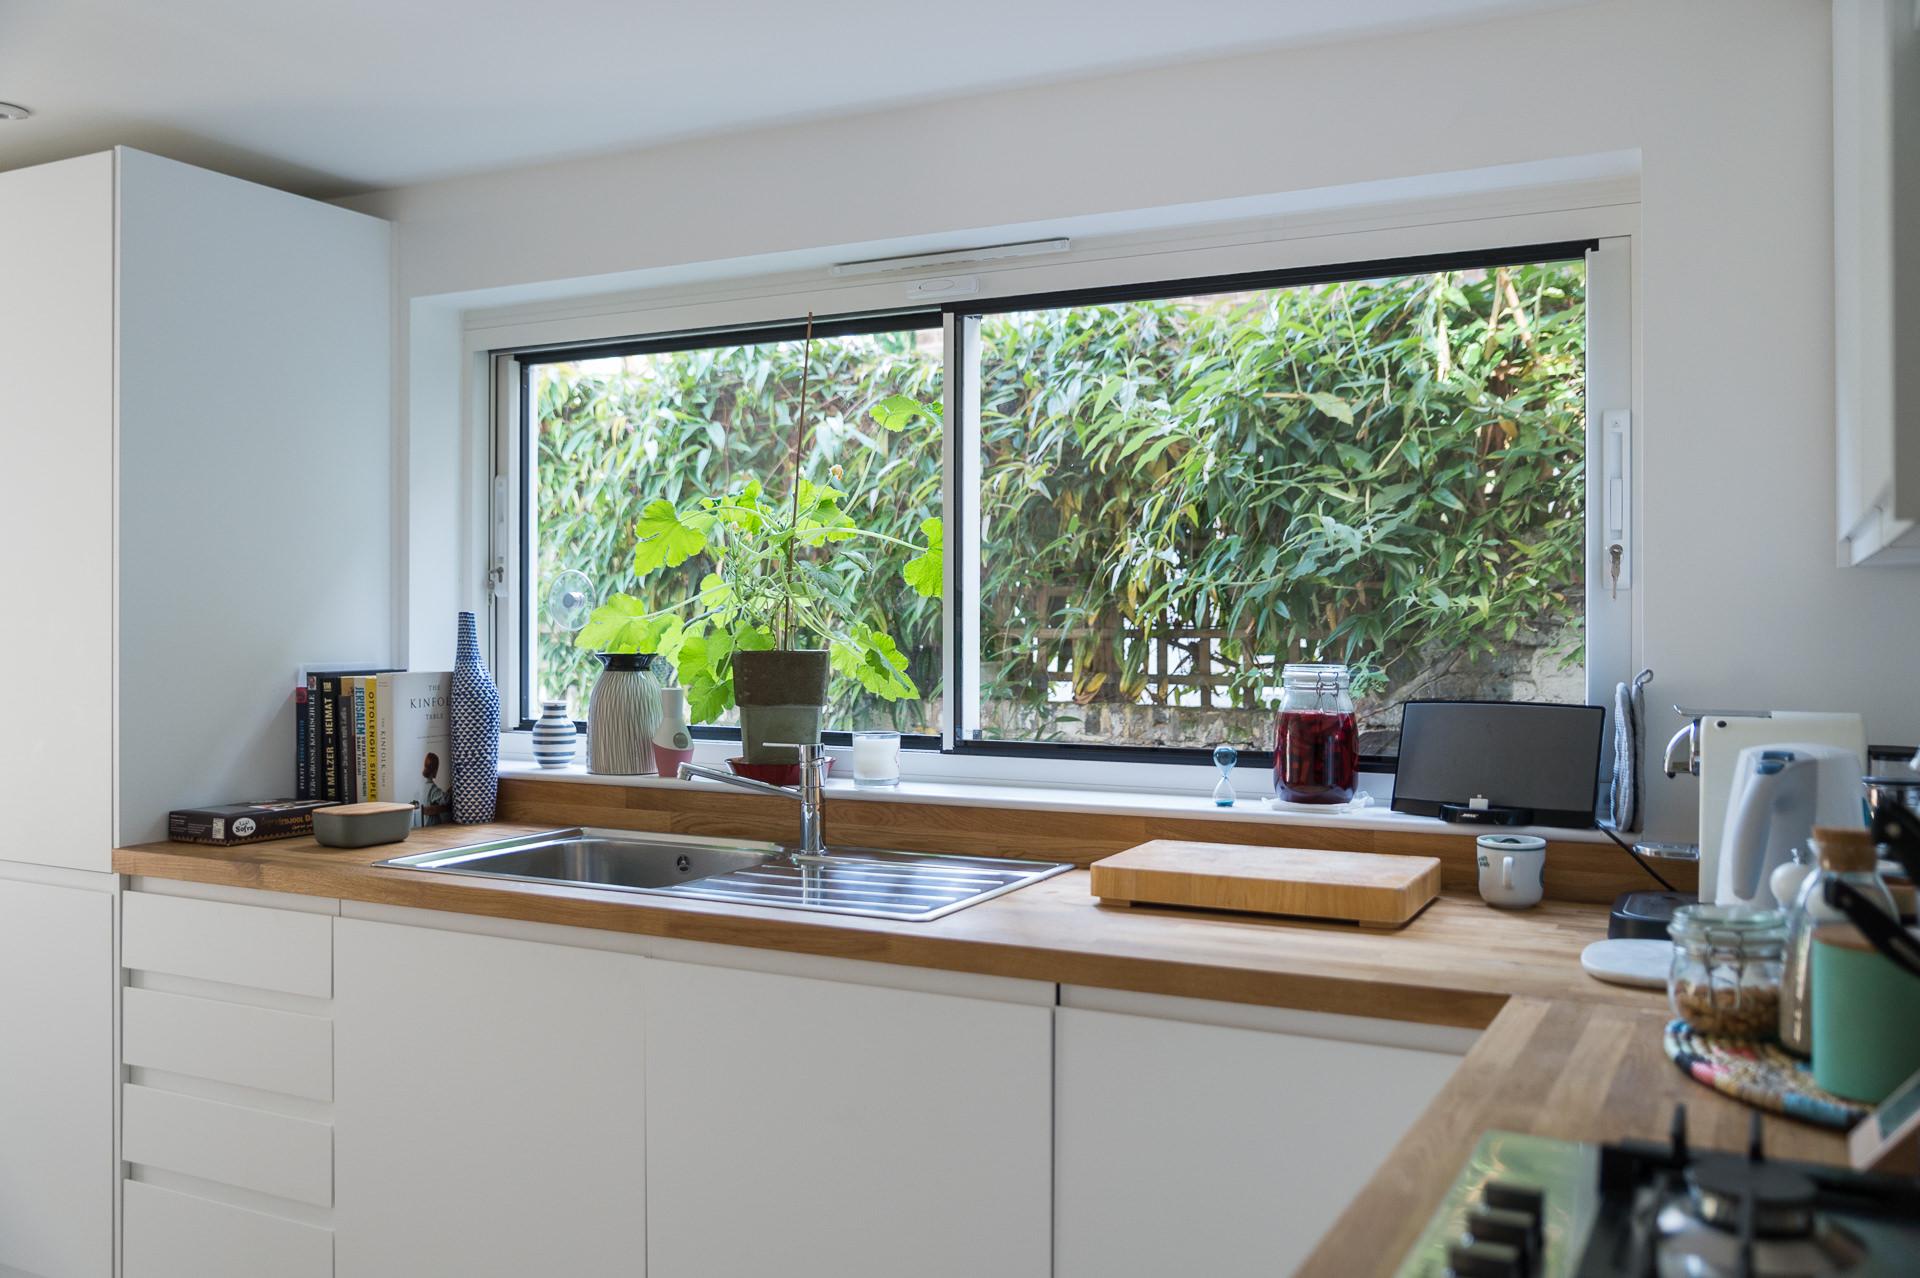 big window in a kitchen